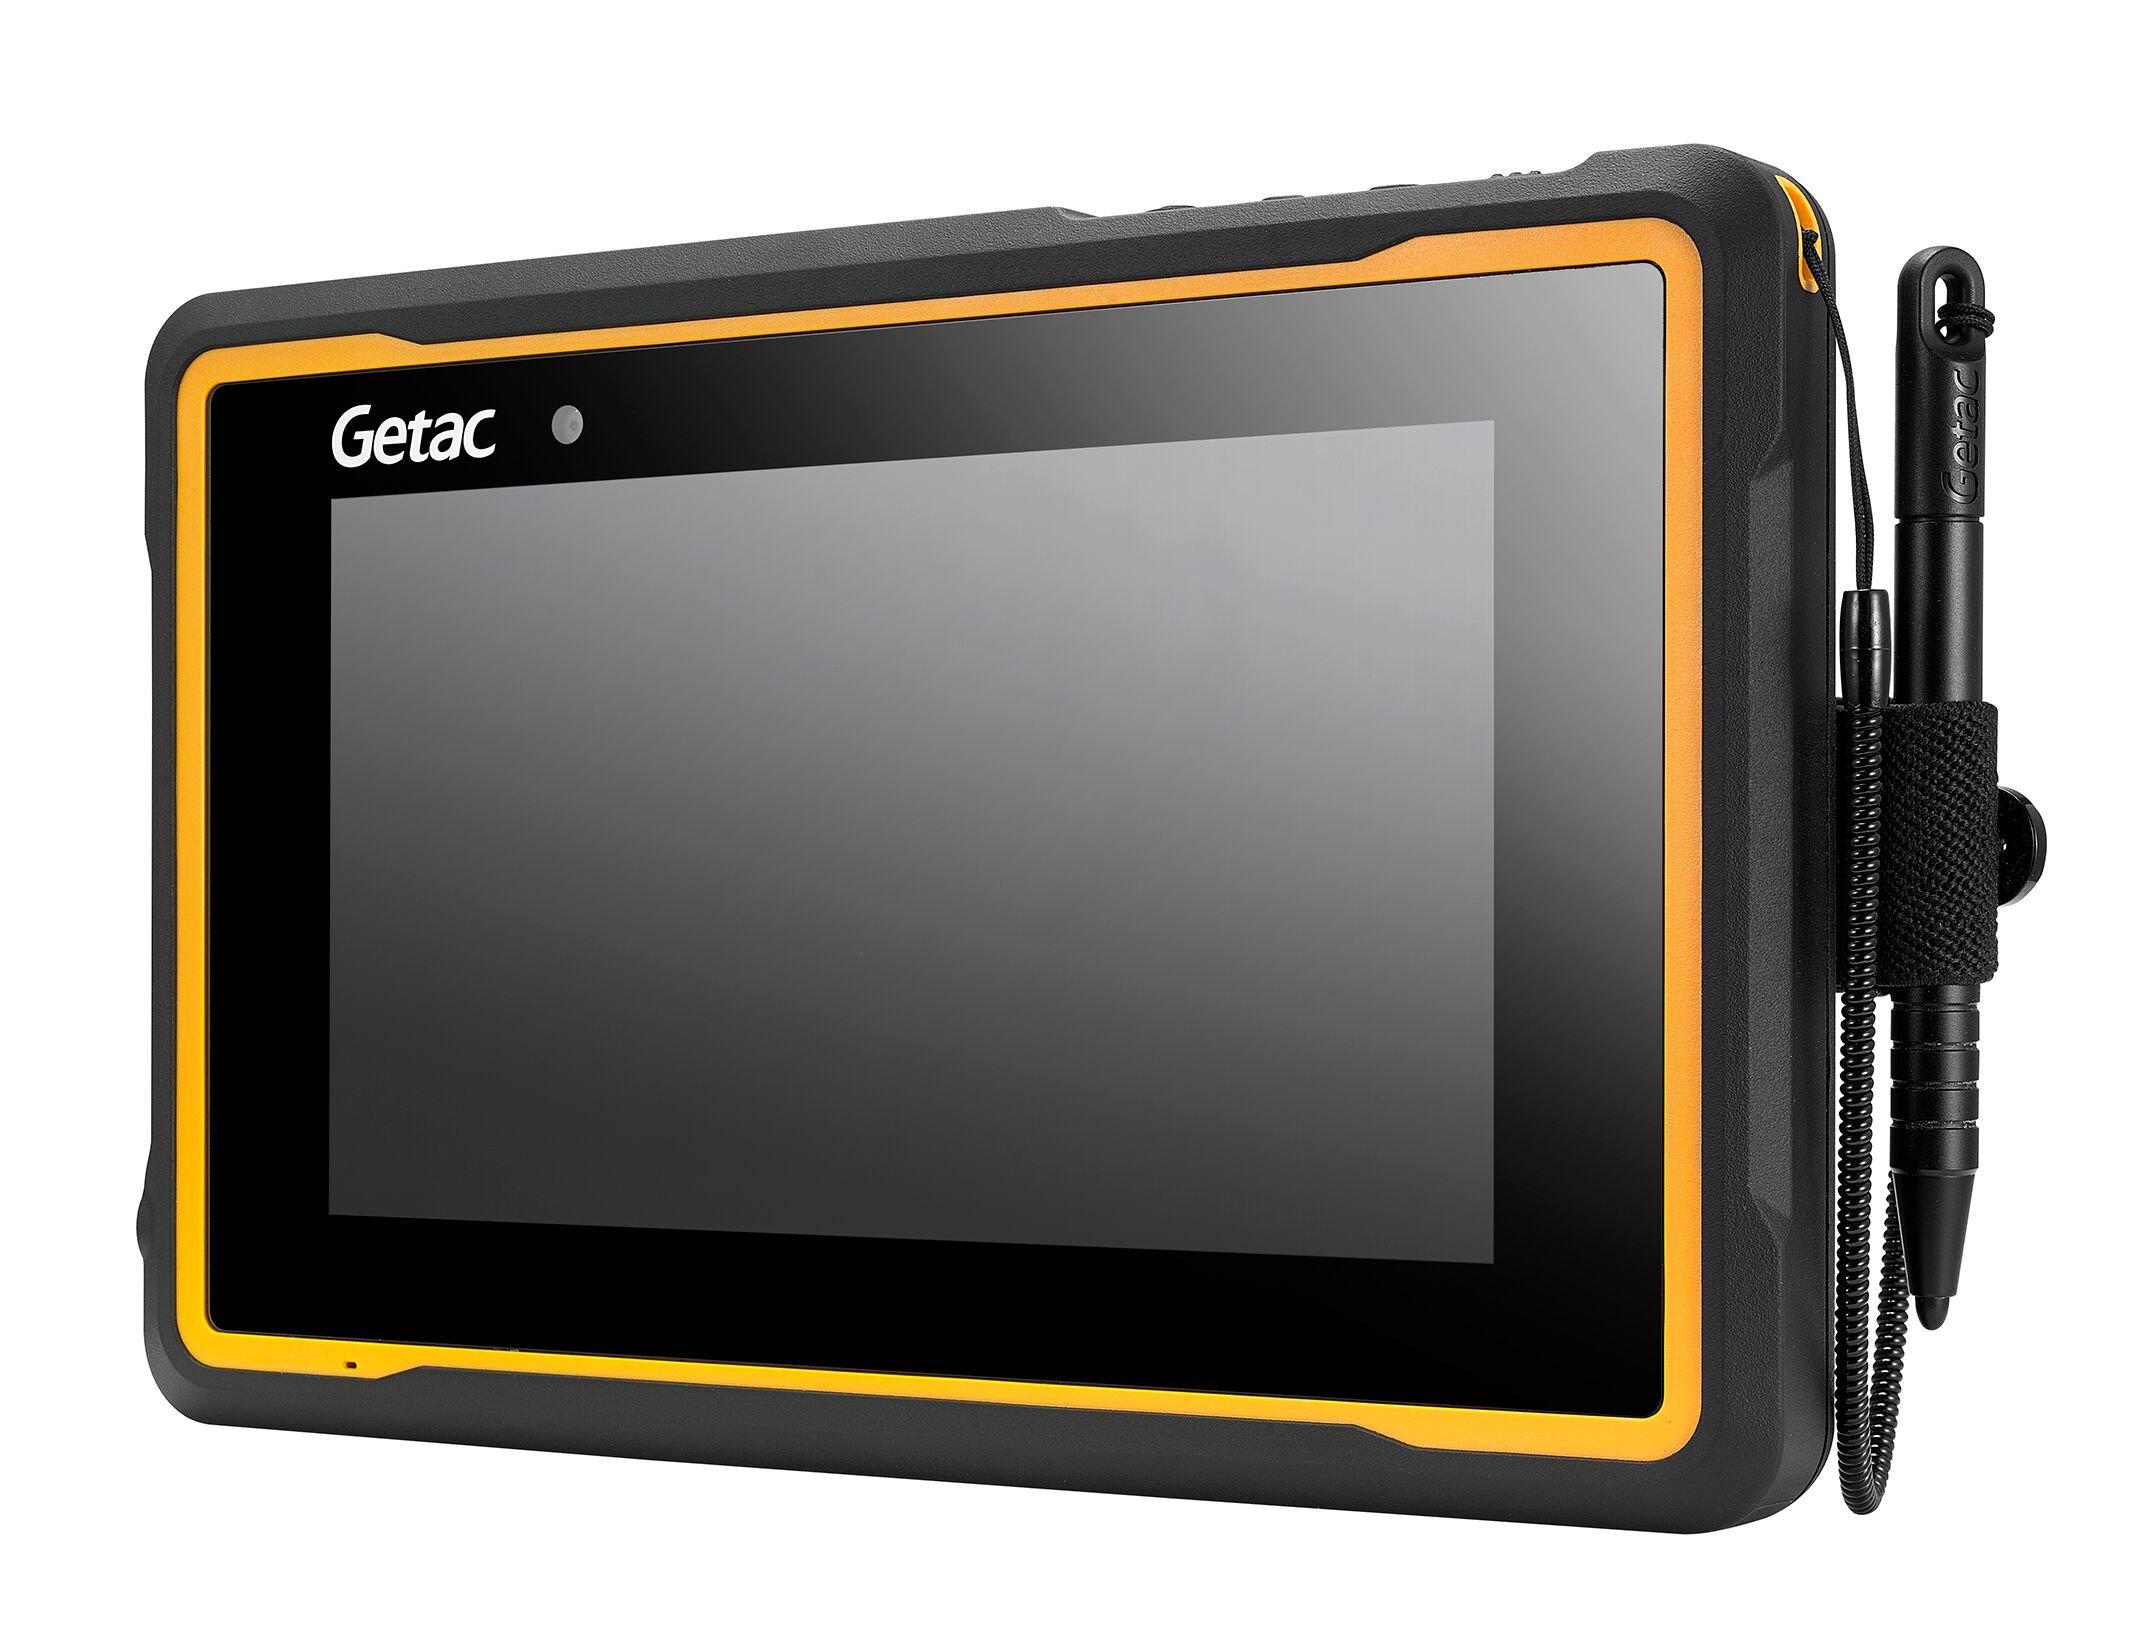 Прочный планшет Getac ZX70 оснащён 7-дюймовым дисплеем